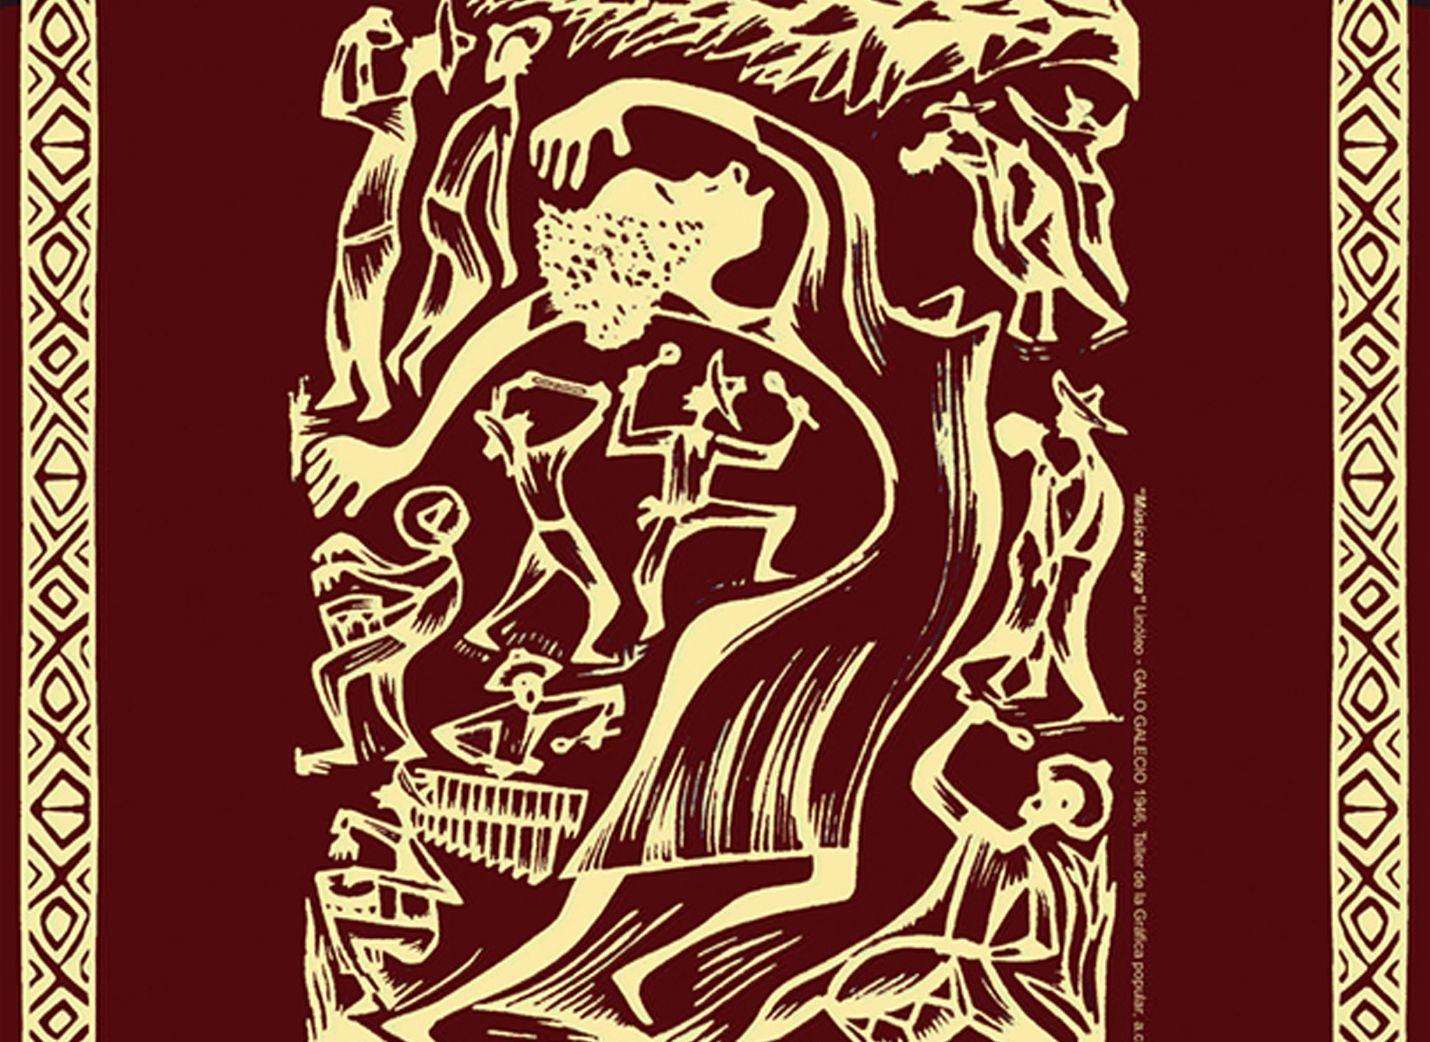 Imagen escogida por los elementos ilustrativos escogidos para representar la danza y la alegría de los ritmos africanos, los grafismos de apoyo y como estos complementan la imagen.